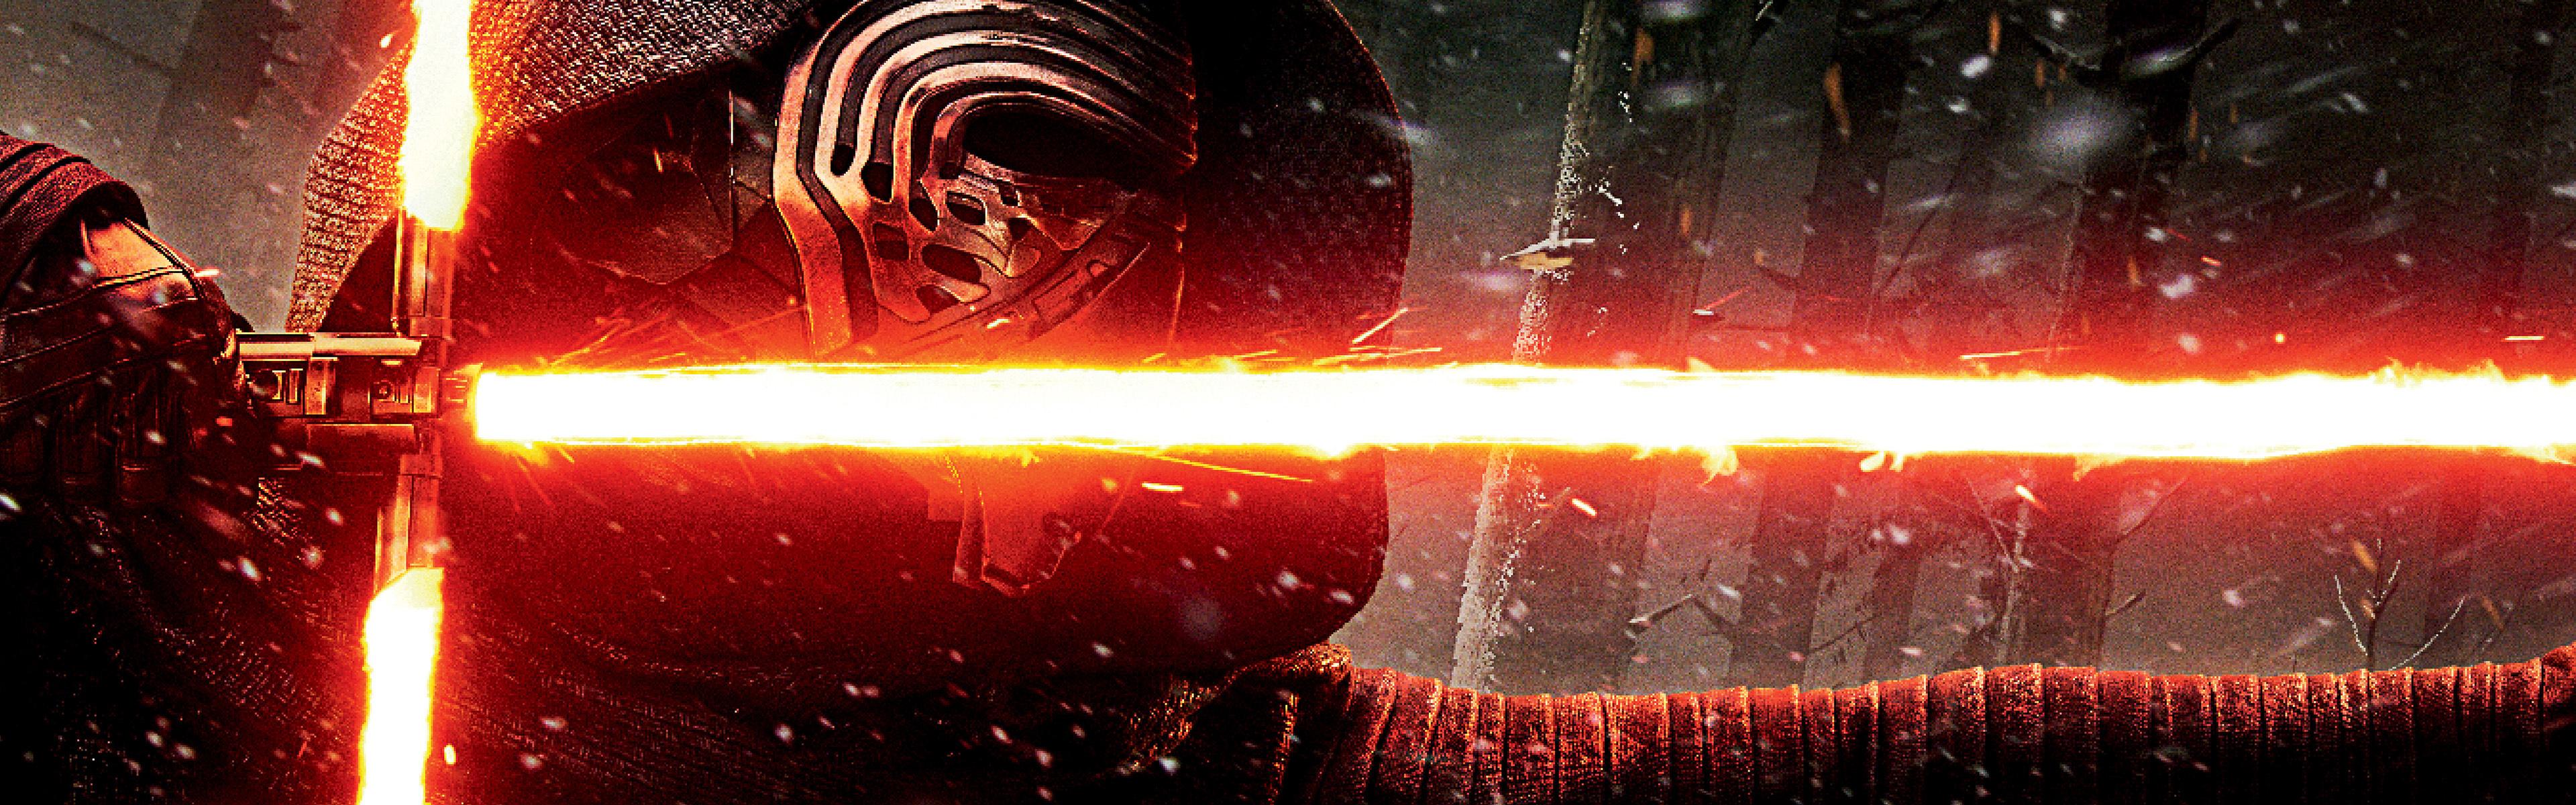 Кайло-kylo РЕН усилие FX световой меч. обои скачать